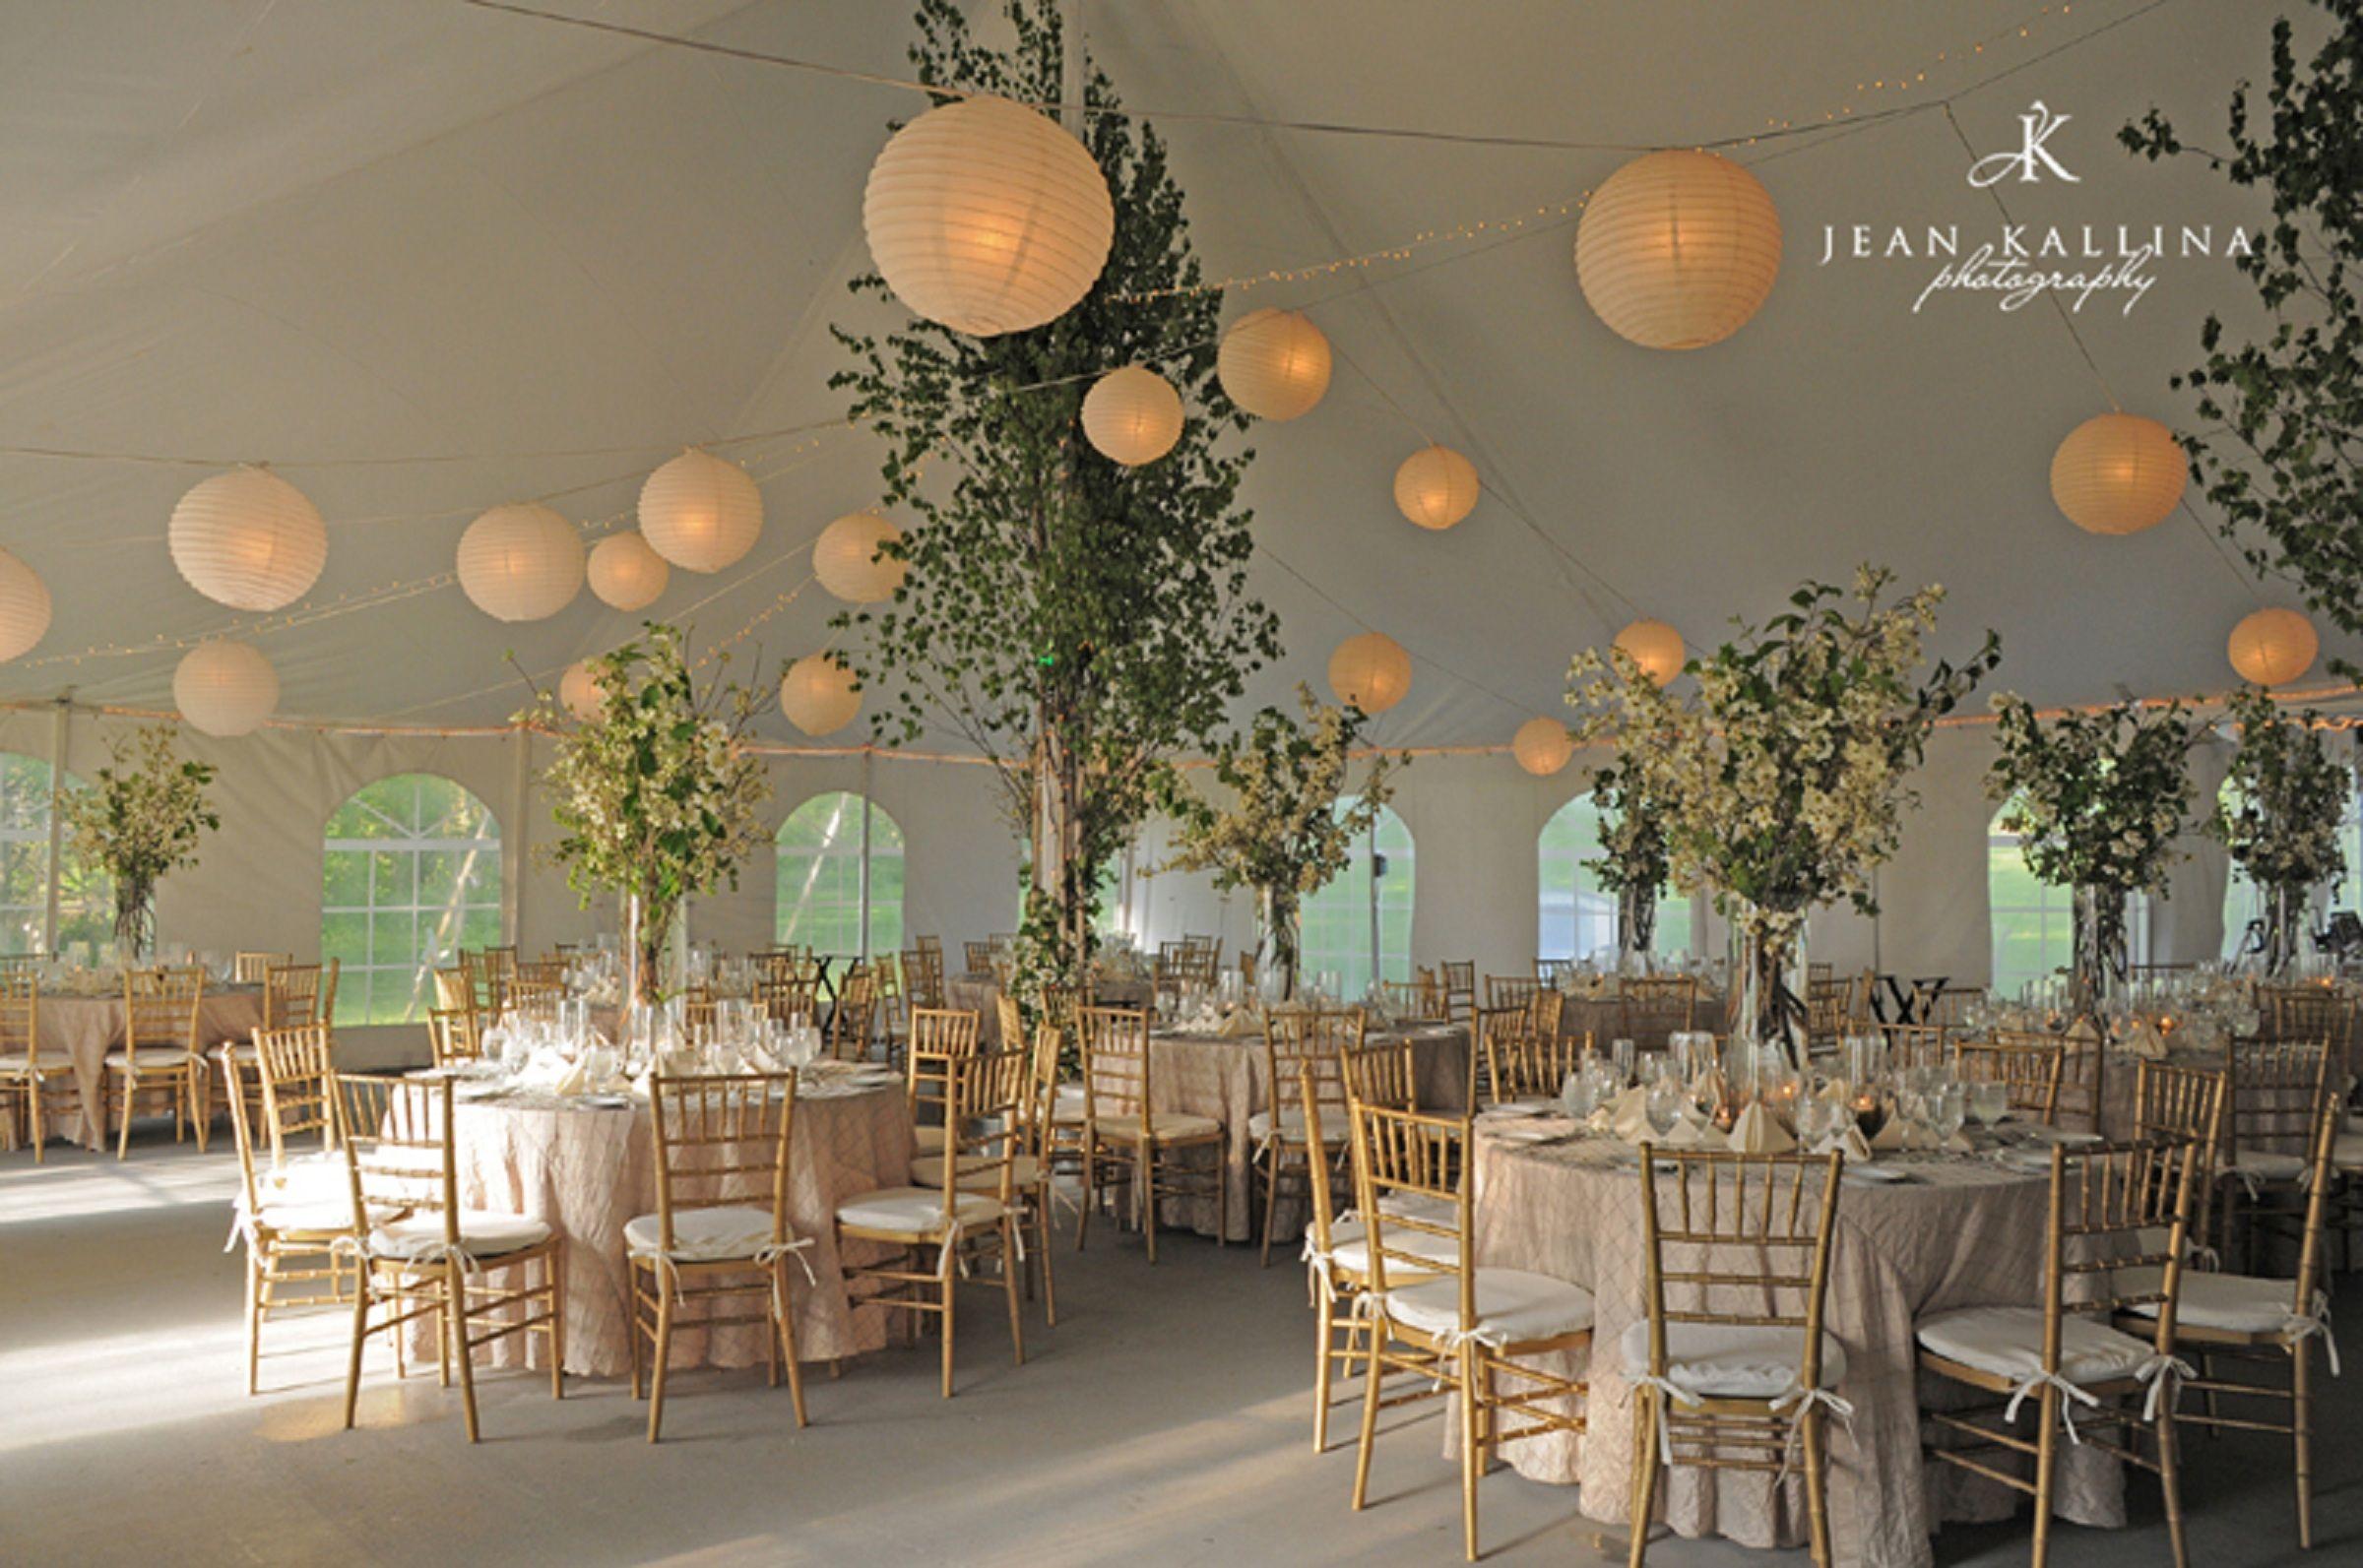 Garden Tent Wedding Reception Sit Down Wedding Tent Floor Setup Heiraten Im Zelt Festzelt Dekoration Hochzeitszelt